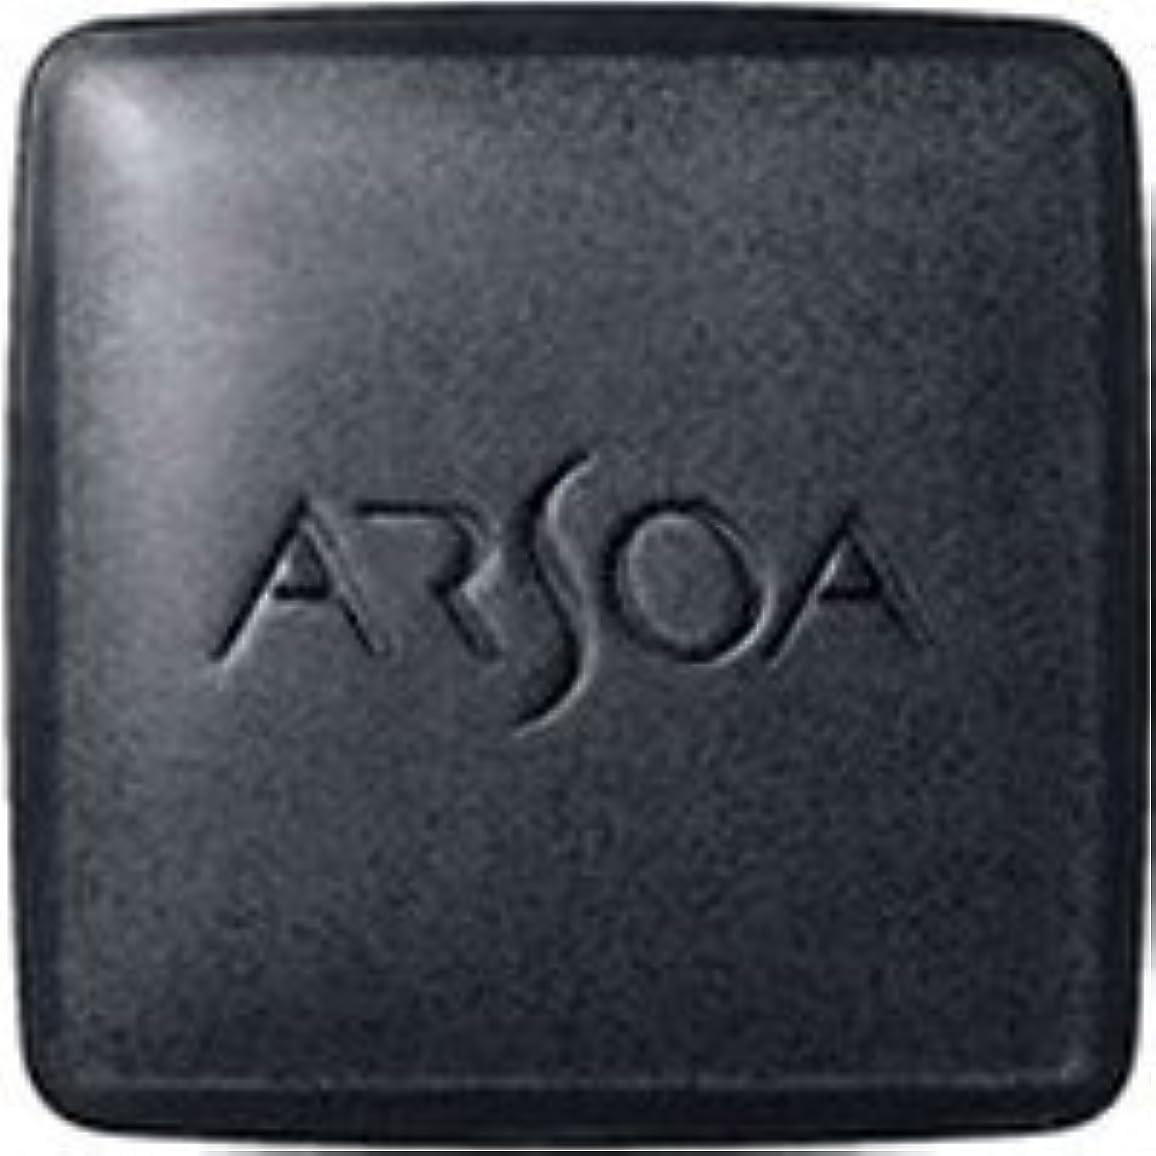 再編成するエラーポイントアルソア(ARSOA) クイーンシルバー(ケース付き)135g[並行輸入品]